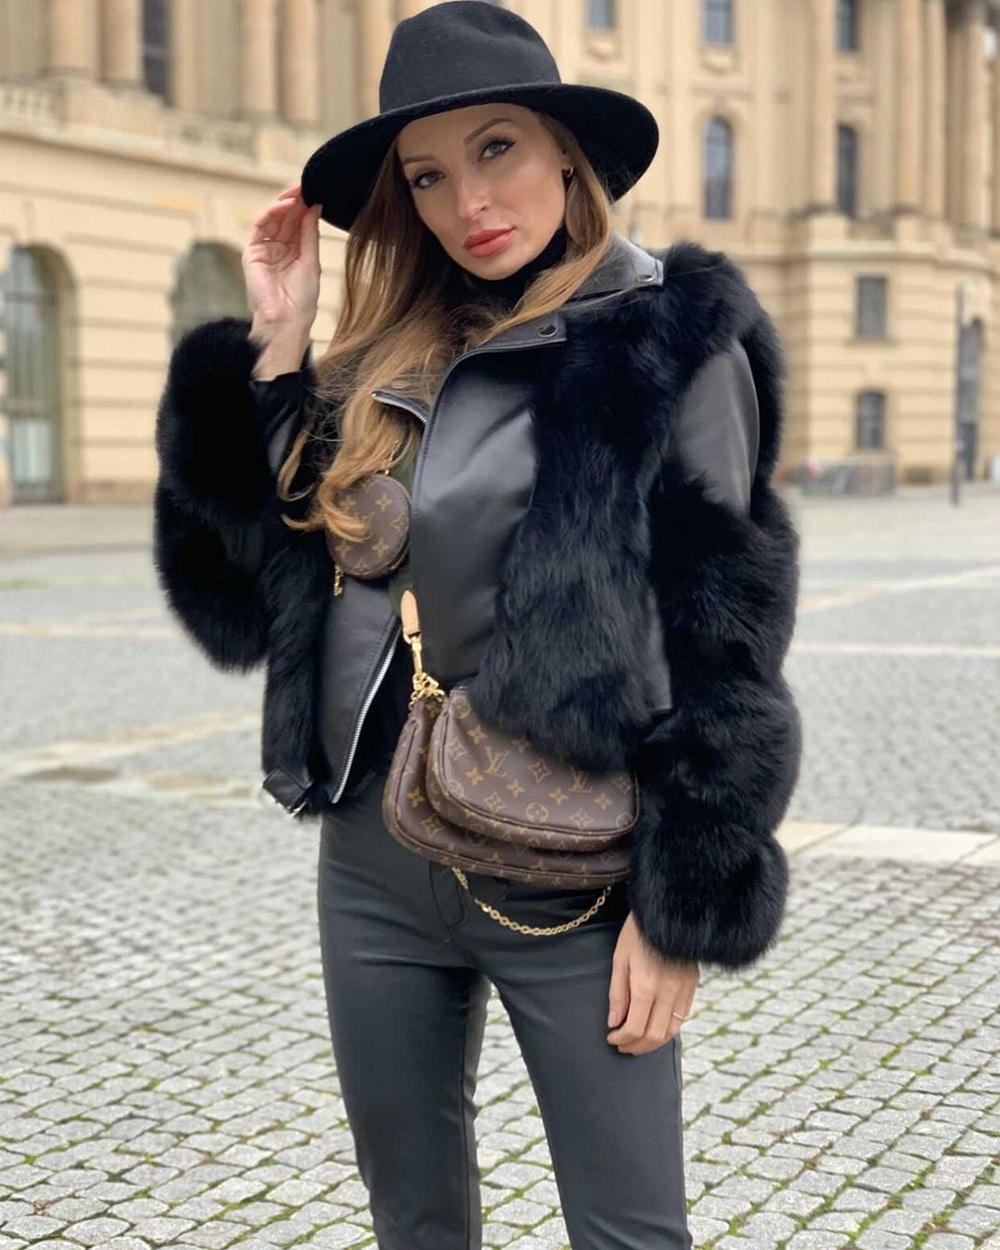 eden-black-angela_regner-13